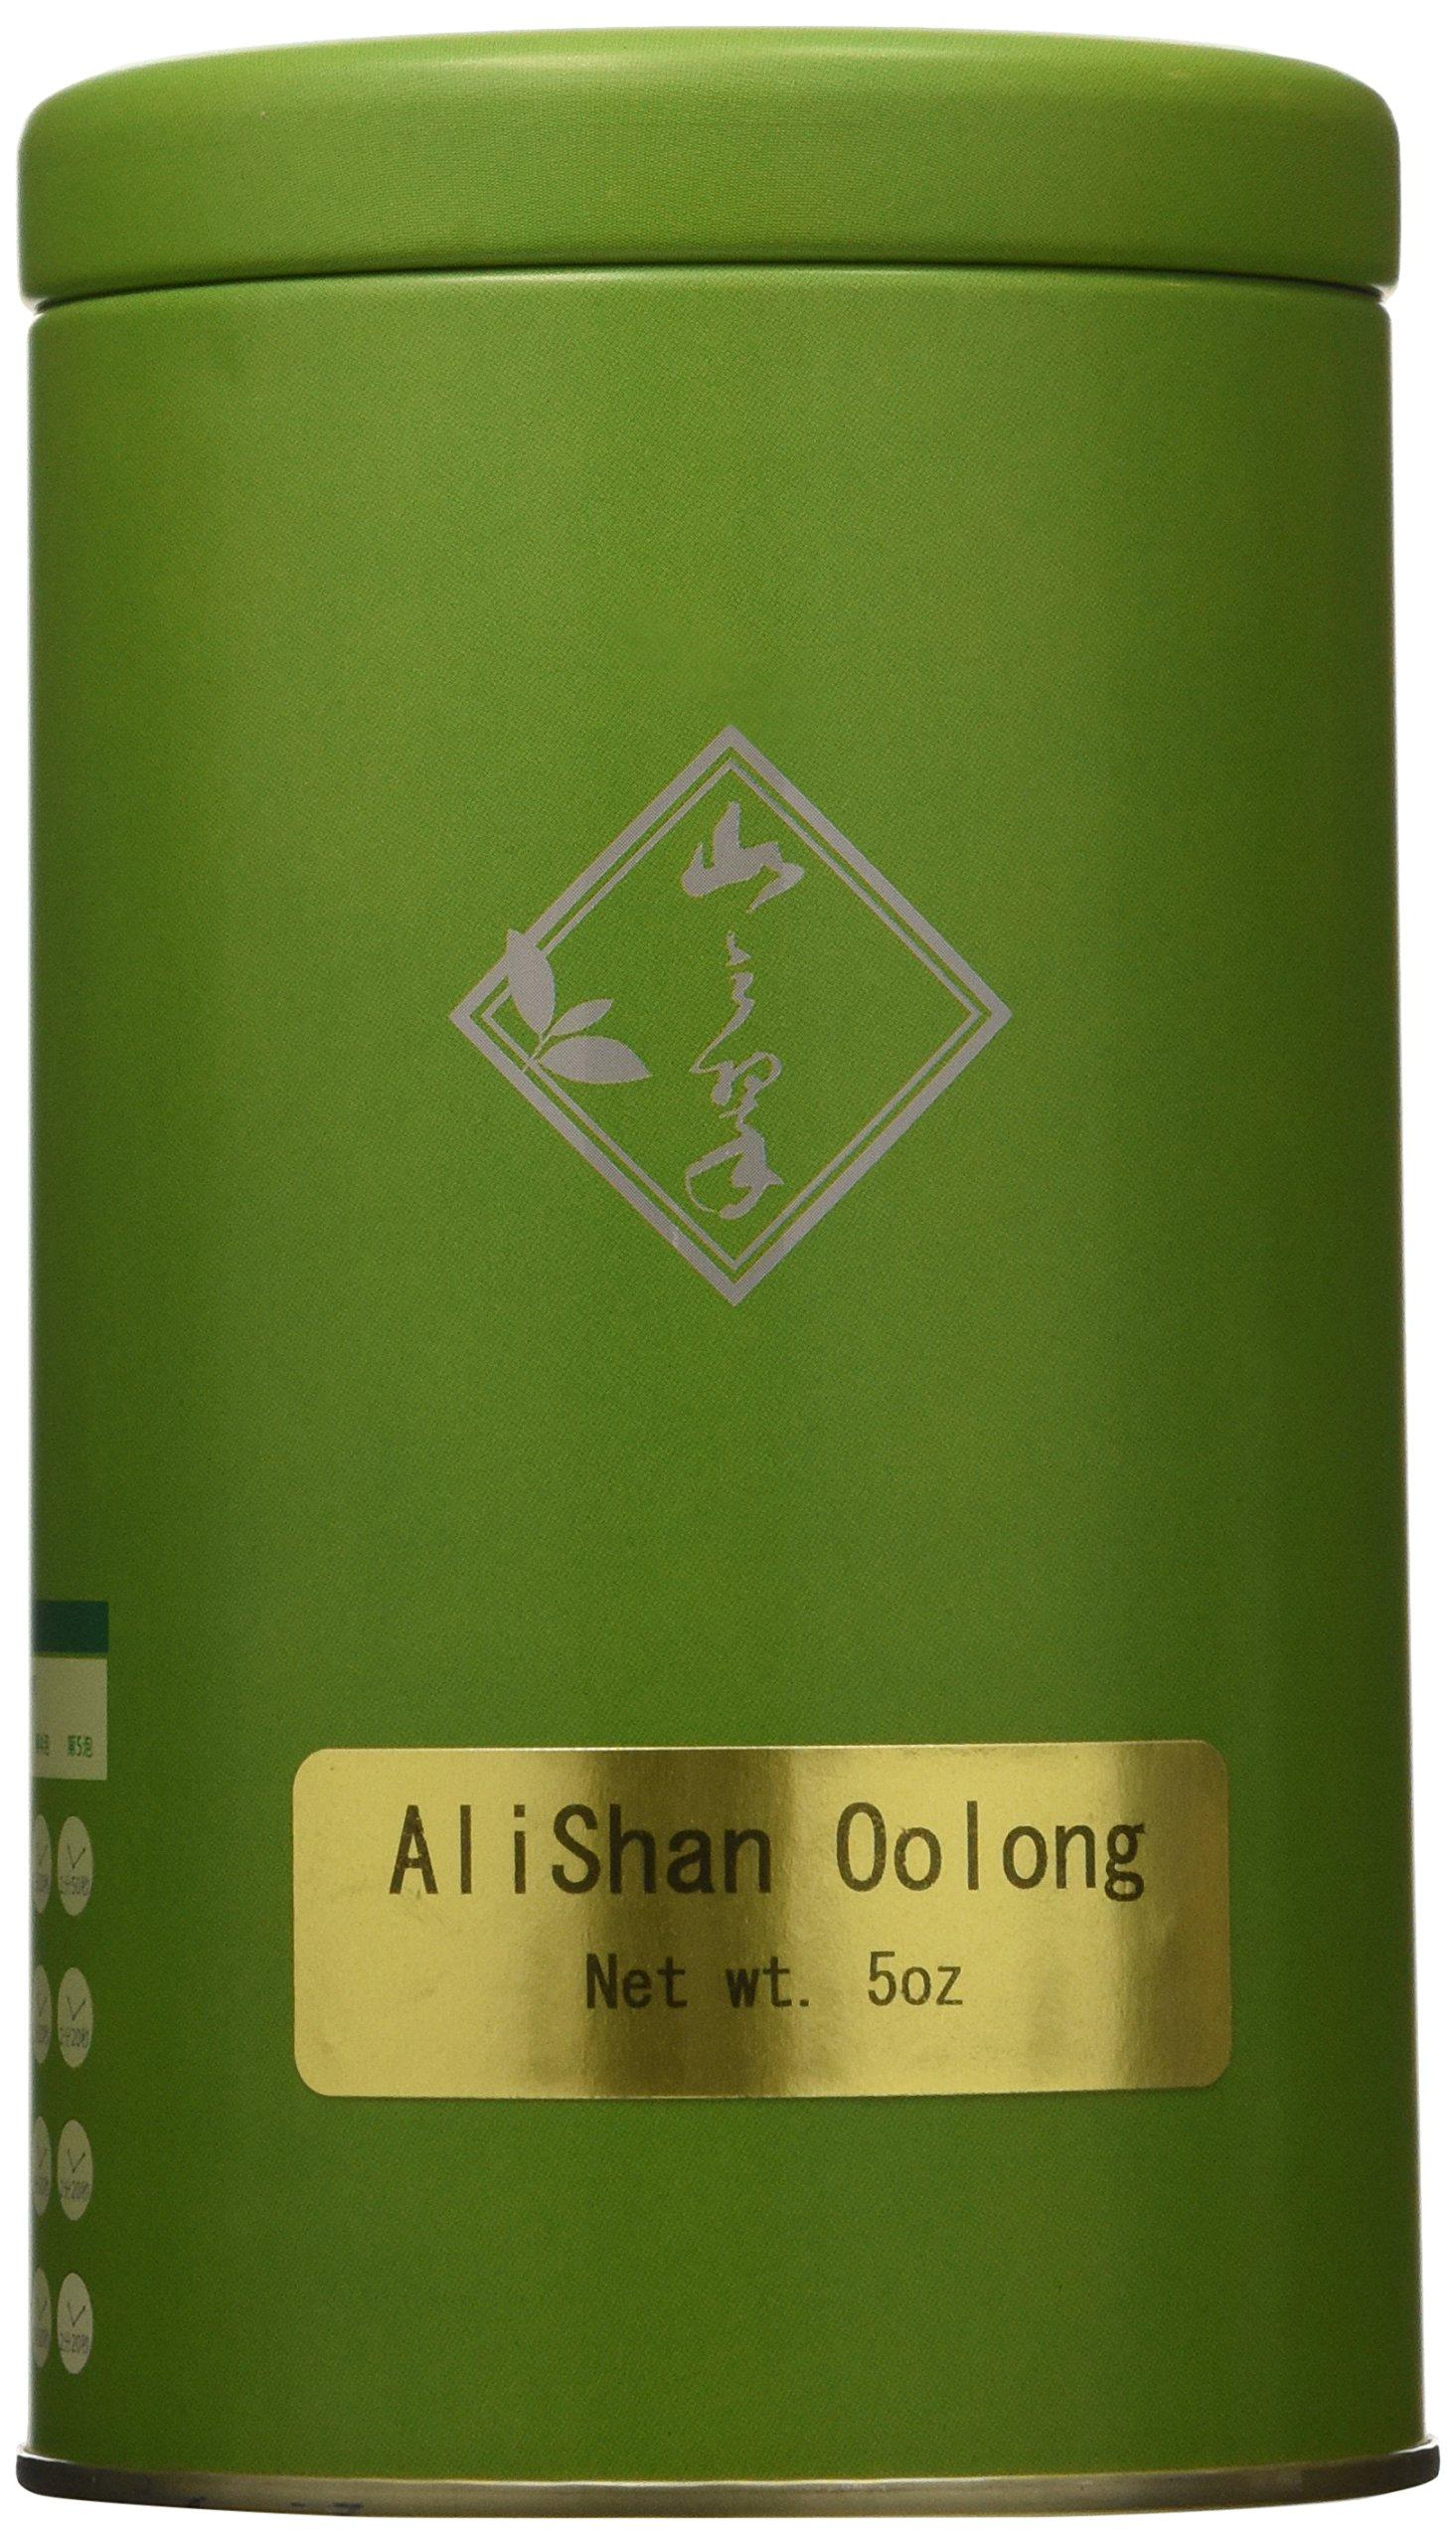 Mountain Tea Company - 5oz Alishan Oolong, Loose-leaf Green Oolong Tea by Mountain Tea Company